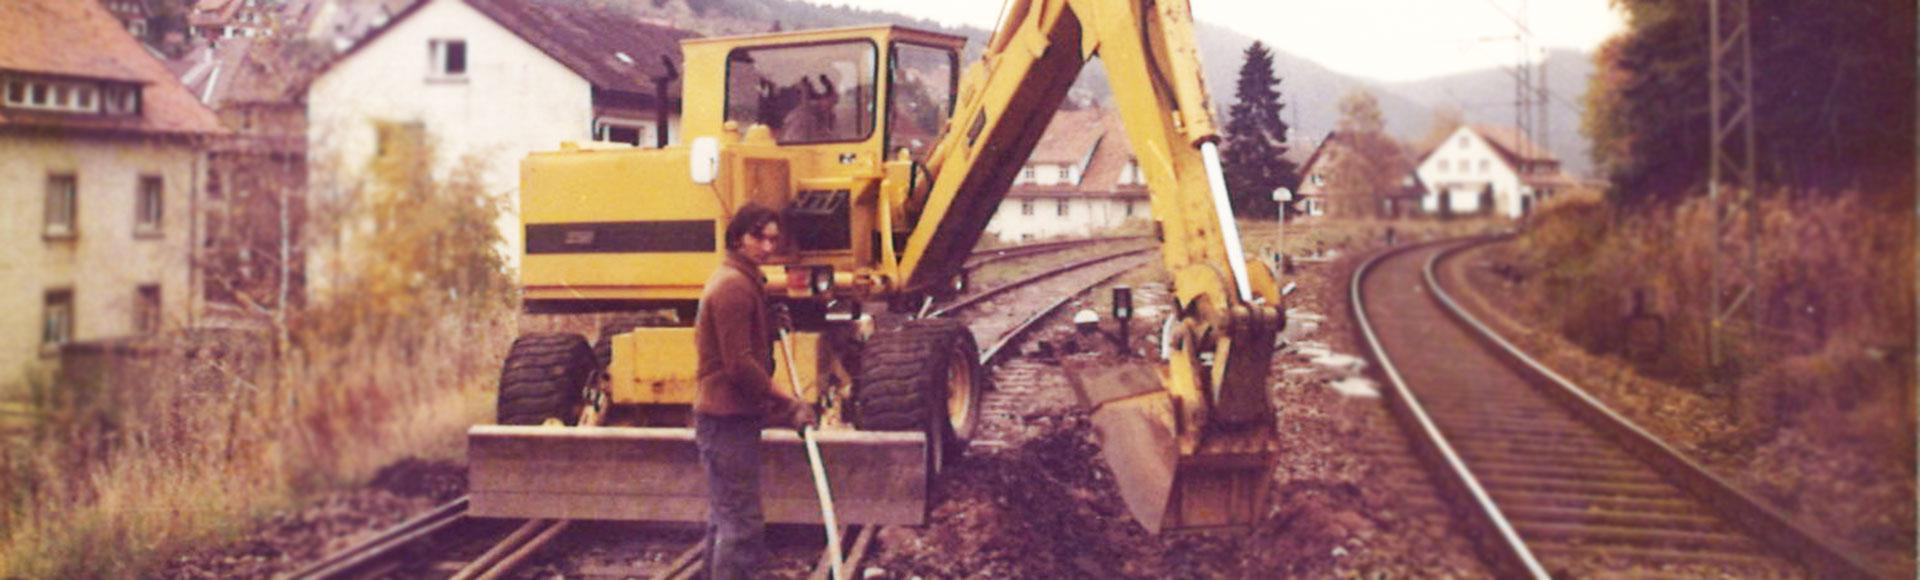 Menner Tiefbau Breisach Historie